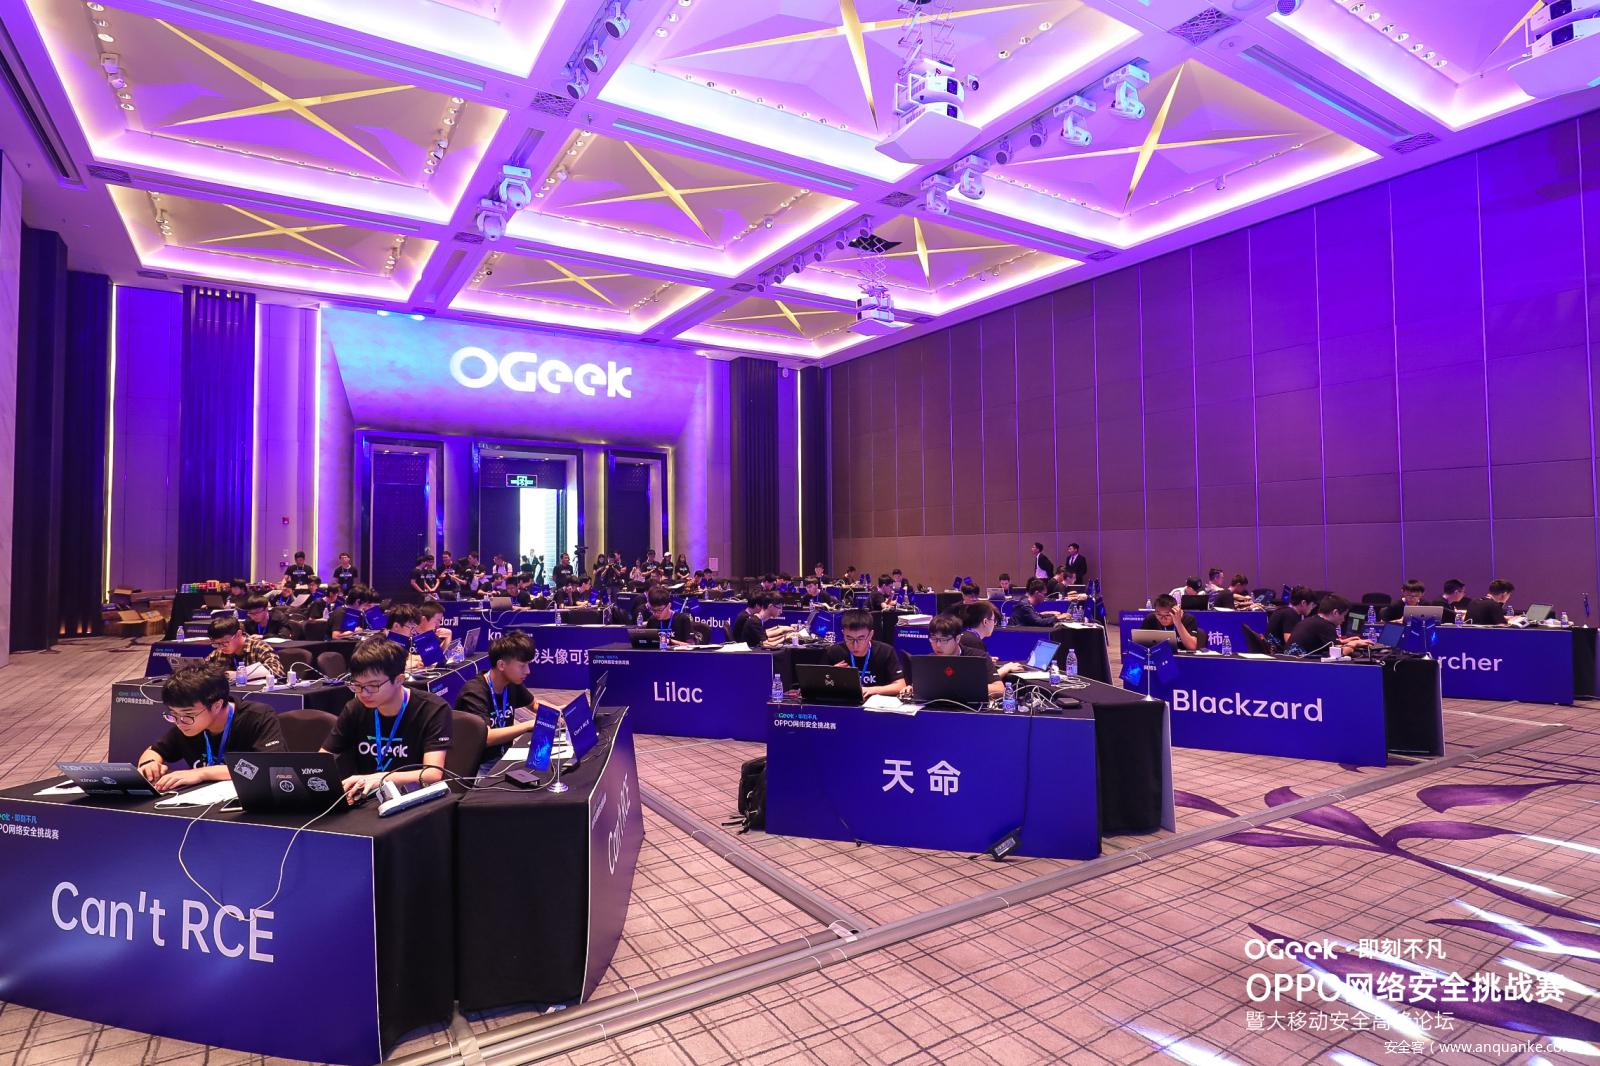 精彩回顾 | OPPO OGeek网络安全挑战赛